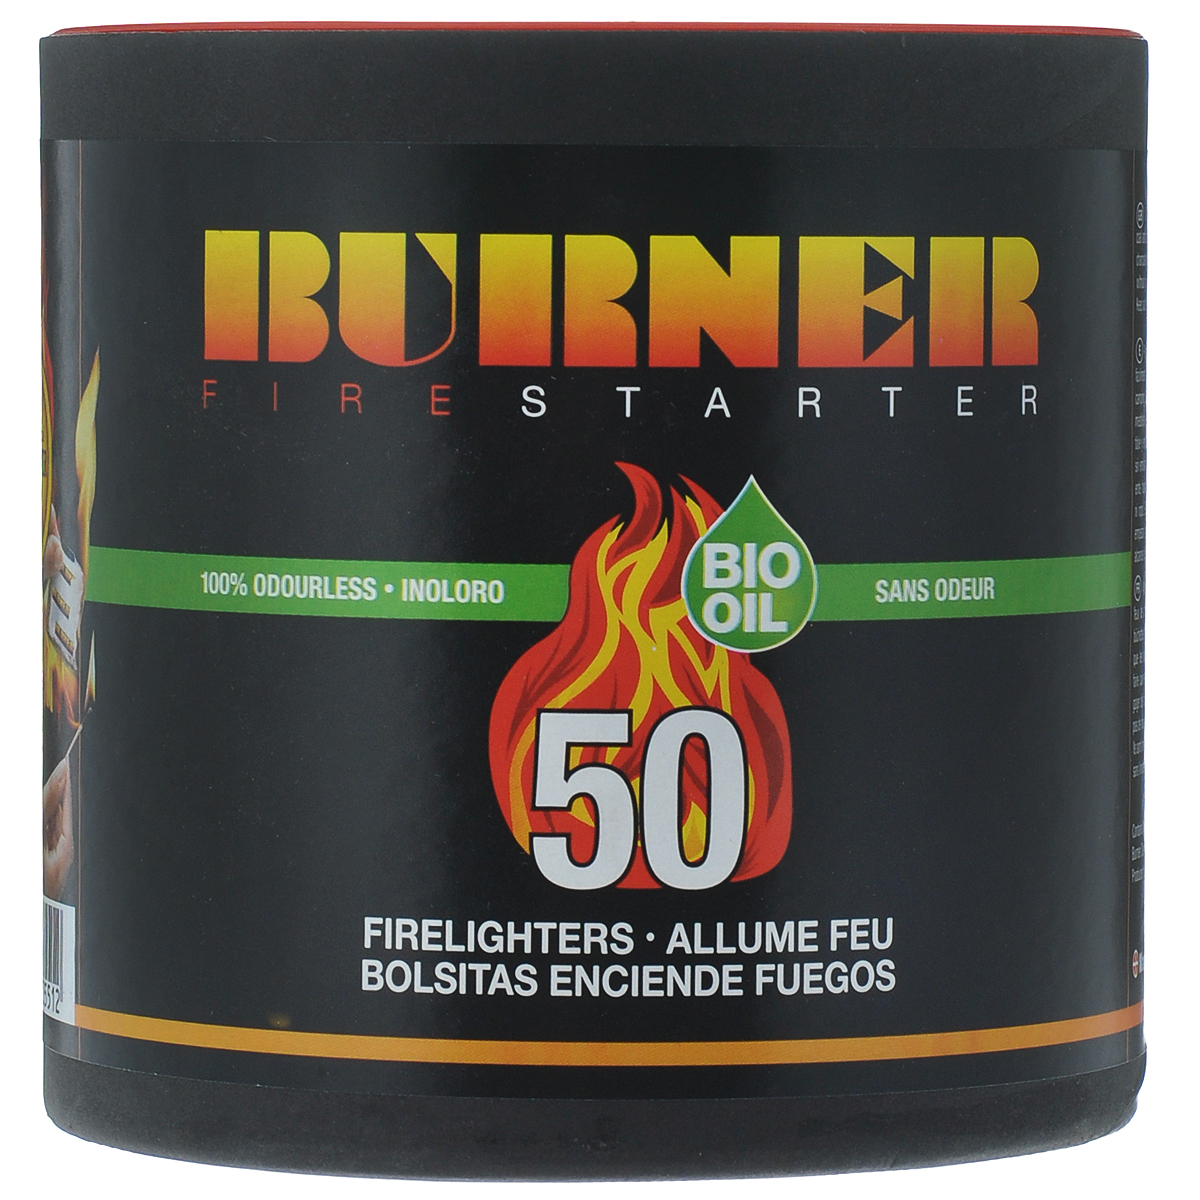 Средство для розжига Burner, в бочонке, 50 пакетовRUC-01Розжиг Burner экологически безопасен, удобен в хранении и перевозке - никакой грязи и запахов. Идеальное средство для розжига мангалов, каминов, печей и костров. Кроме того, розжиг Burner не боится сырости и поэтому идеален в походе, на рыбалке, охоте, и в других достаточно экстремальных условиях, когда необходимо разжечь костер для обогрева или приготовления пищи.В комплект входит 50 пакетиков для розжига.Состав: высококачественные N-парафины, растительные масла.